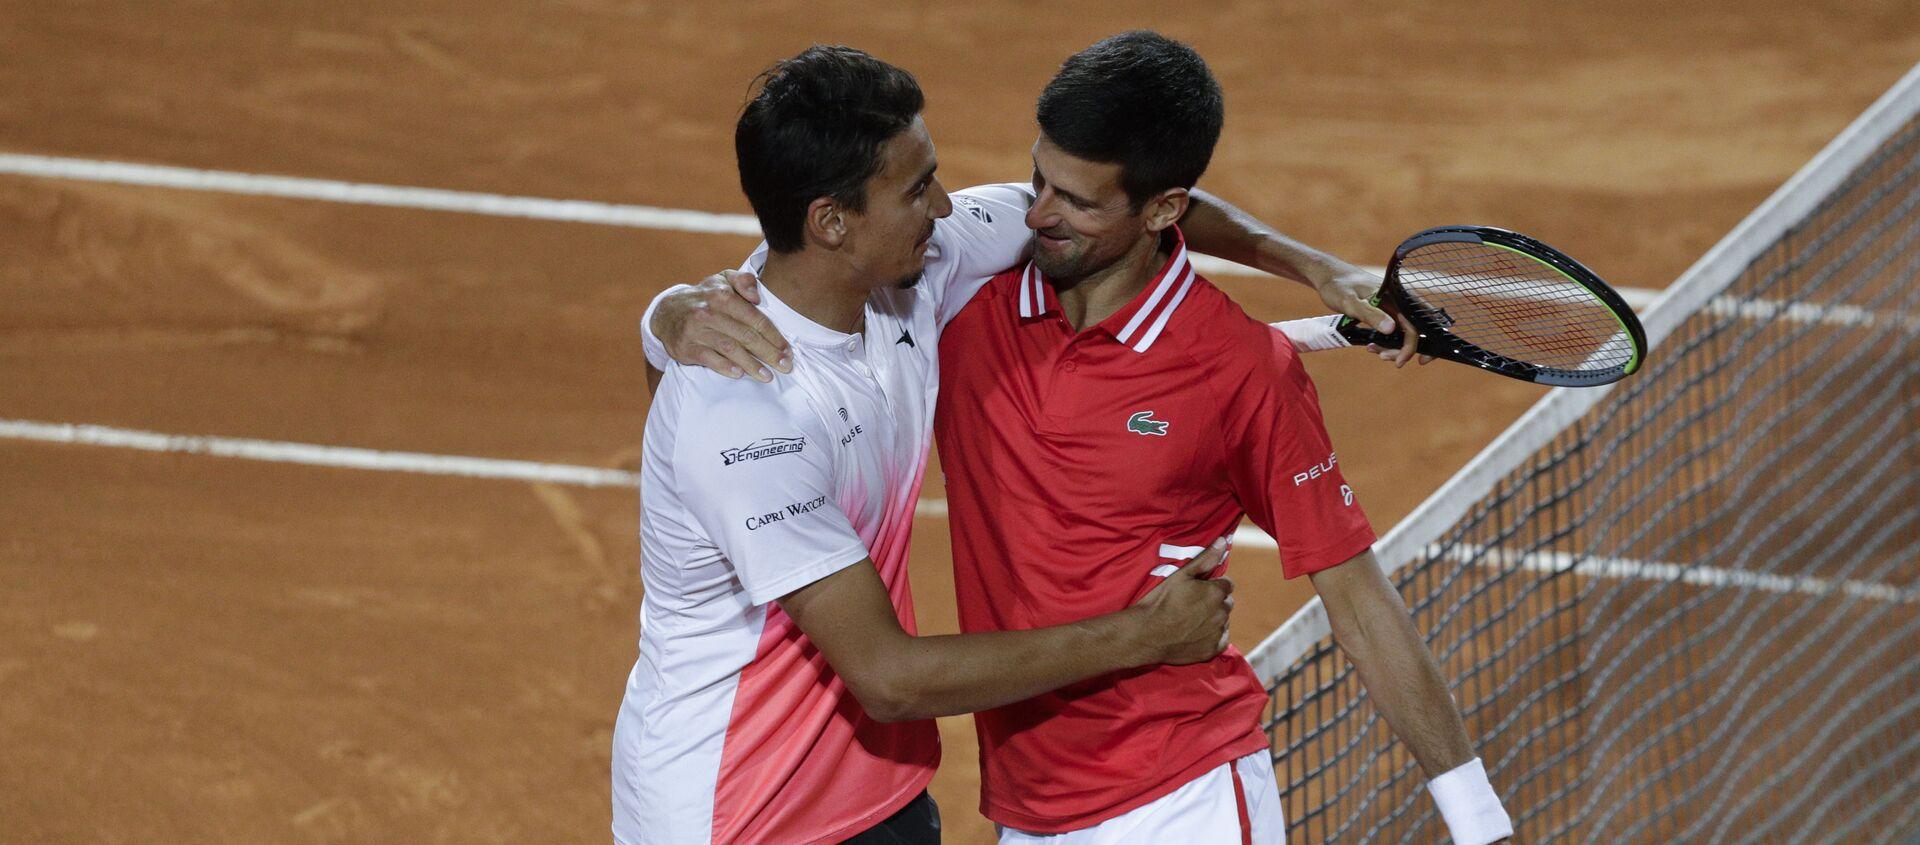 Novak Đoković i Lorenco Sonego posle polufinala Mastersa u Rimu - Sputnik Srbija, 1920, 15.05.2021